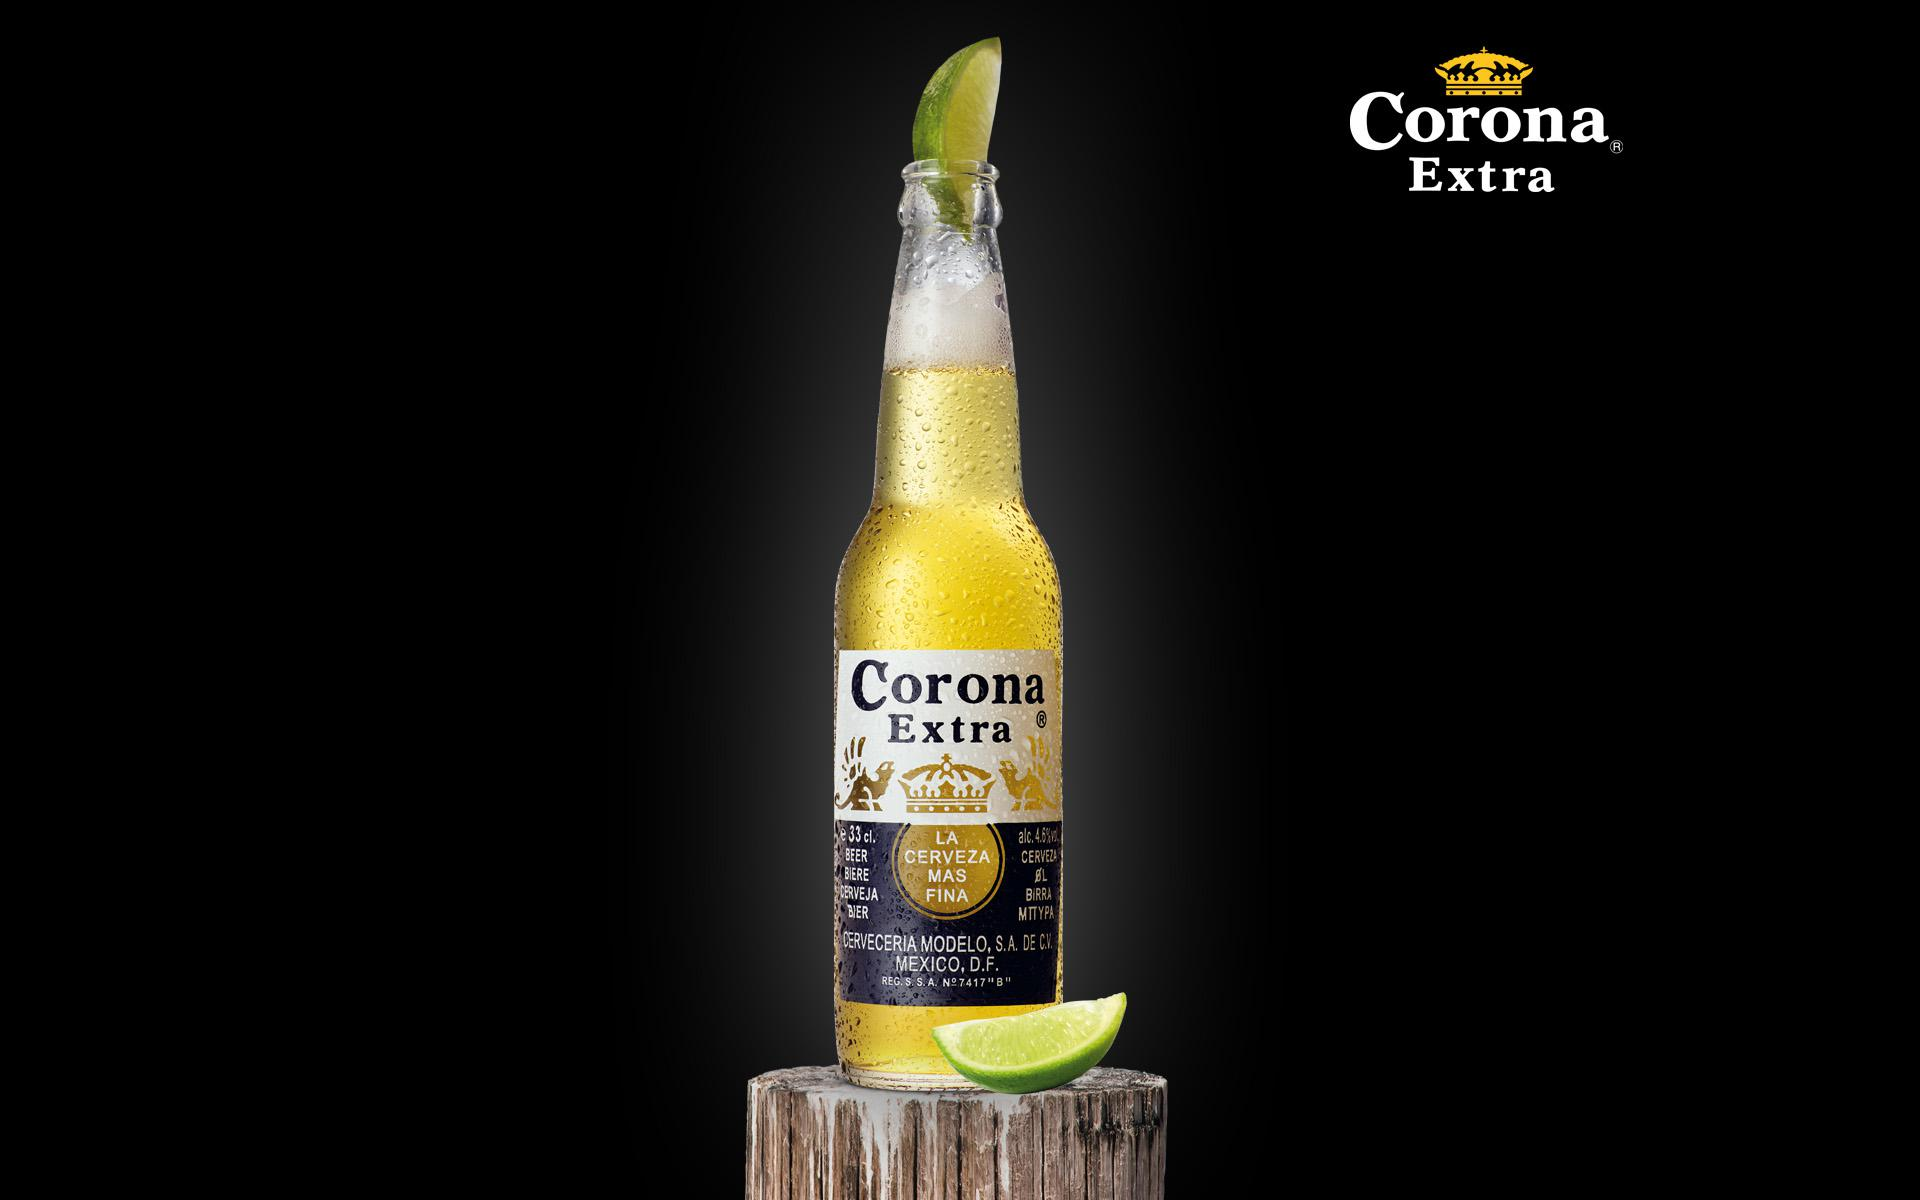 Bro Code Beer Hd Wallpaper: Corona Extra Wallpaper